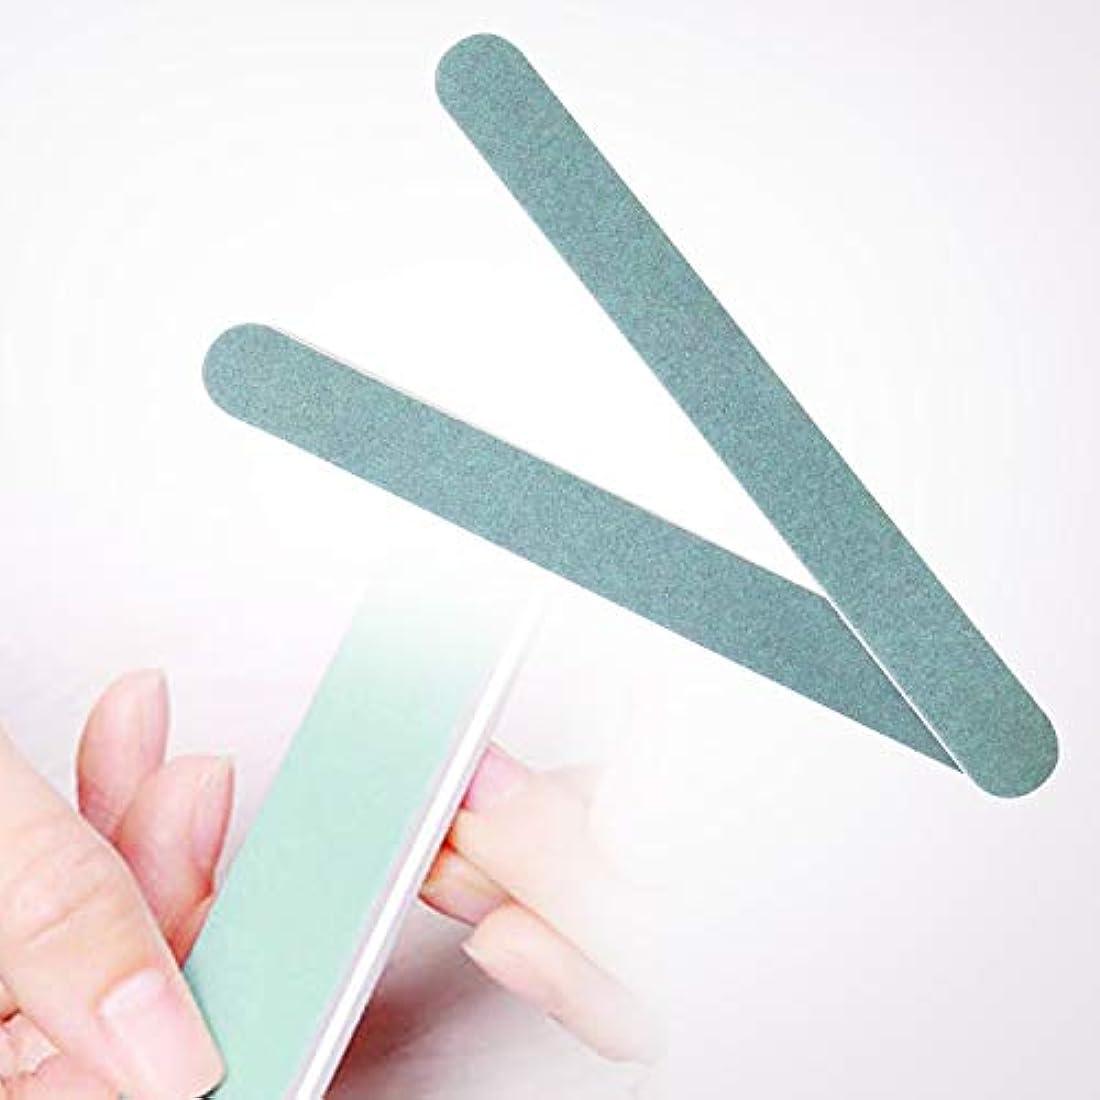 木製課税隠されたurlifeエリコネイル エメリーボード パーフェクトシャイン ネイルをつやつやにするスポンジネイルファイル 両面使えるマニキュアDIYのソフトファイル 爪磨き 爪に優しい爪やすり 2本入